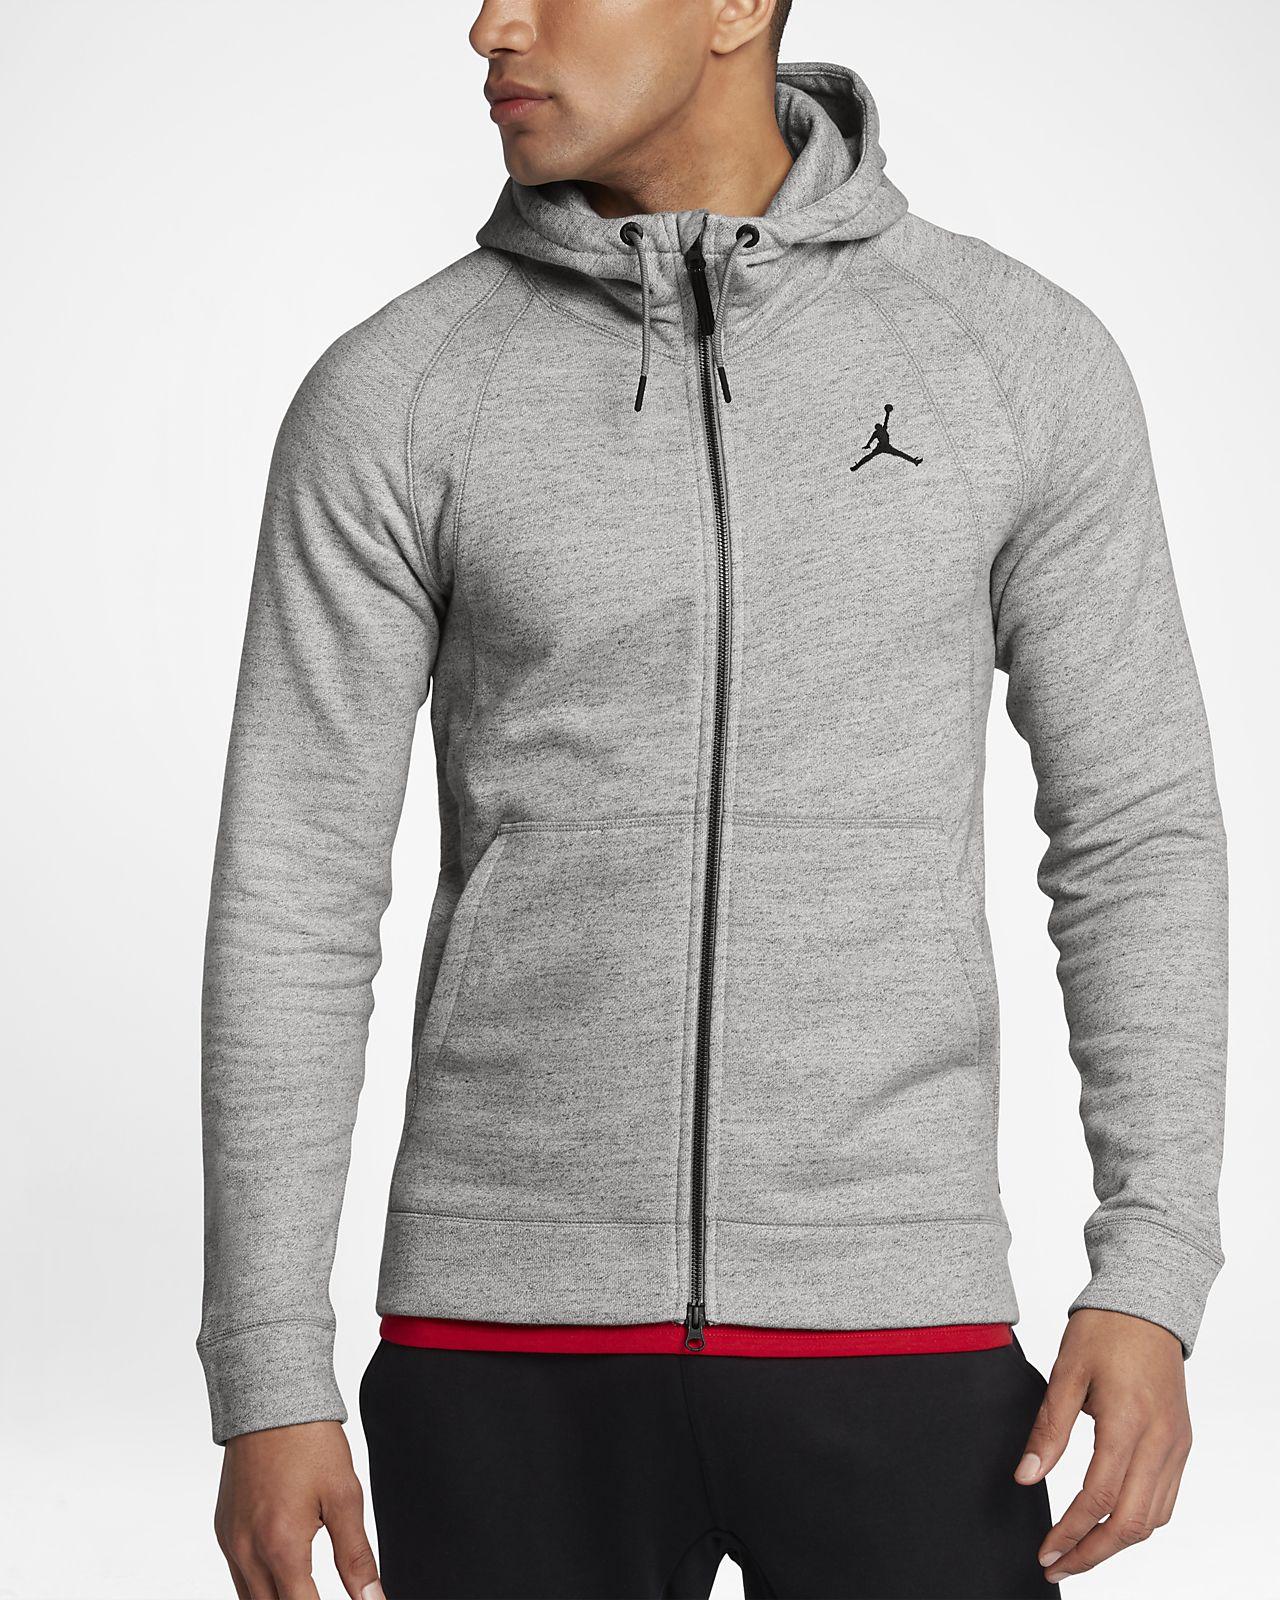 ... Jordan Sportswear Wings Fleece Men's Full-Zip Hoodie